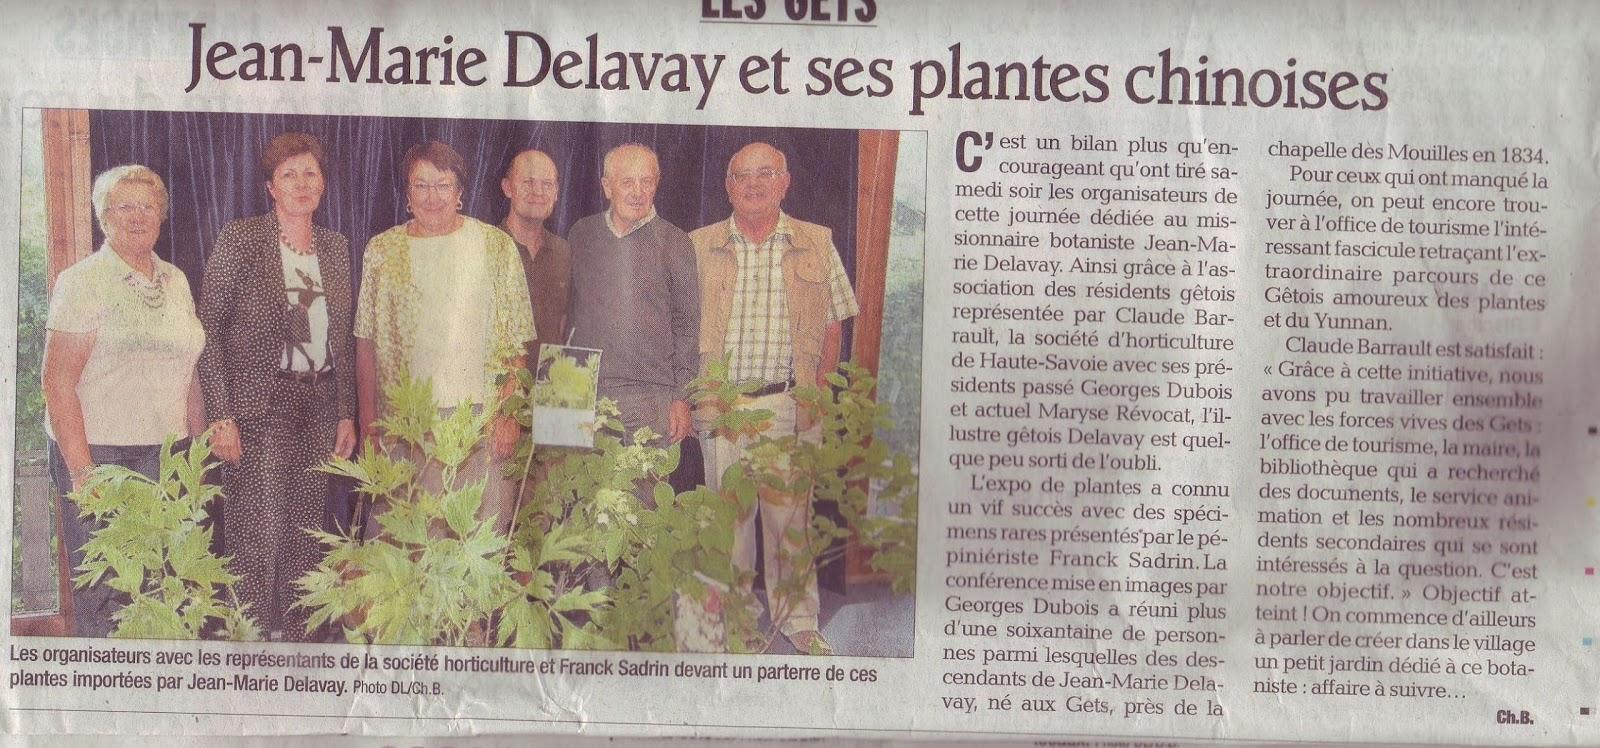 Jean Marie Delavay et ses plantes chinoises